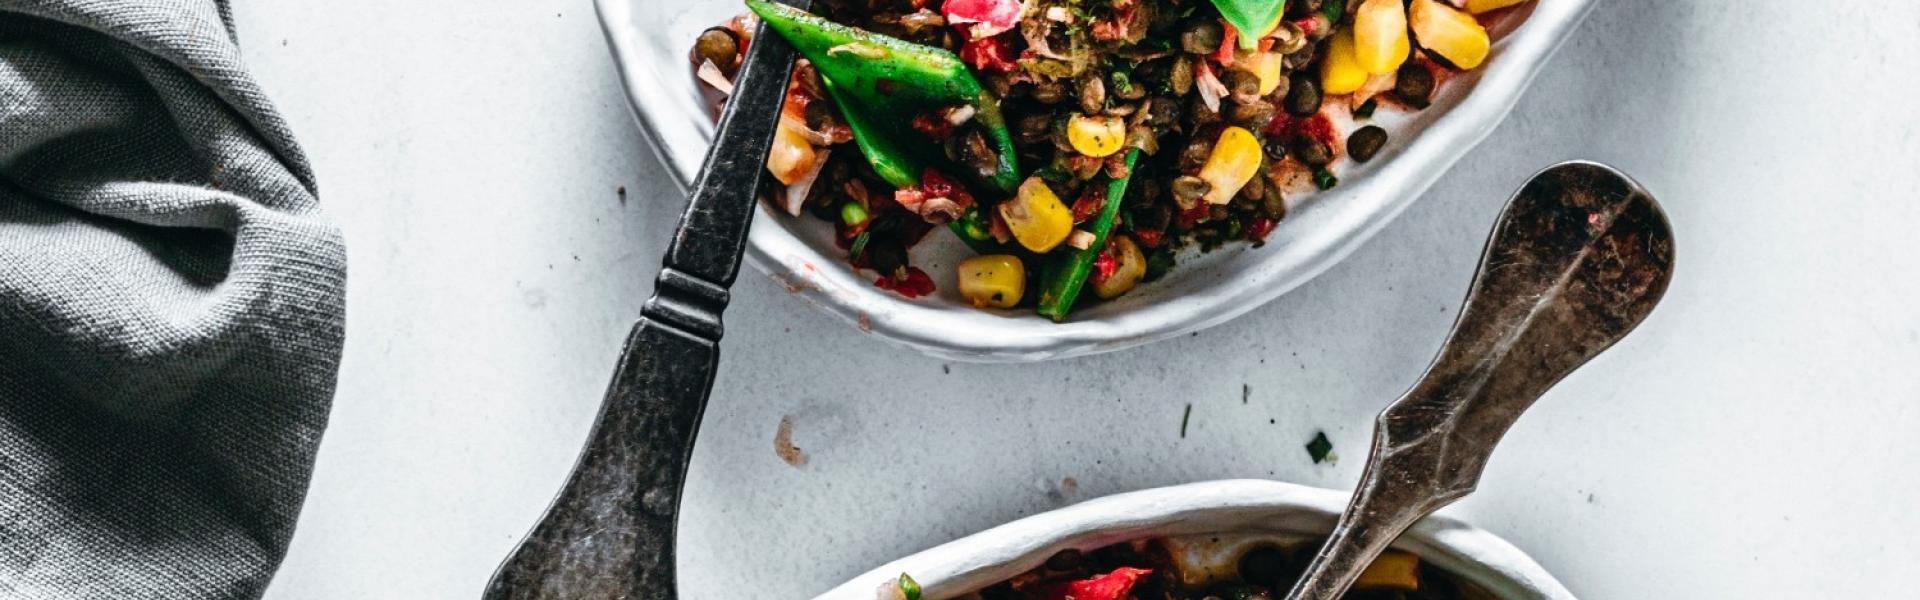 Linsensalat vegan in zwei Schalen angerichtet mit Basilikum.